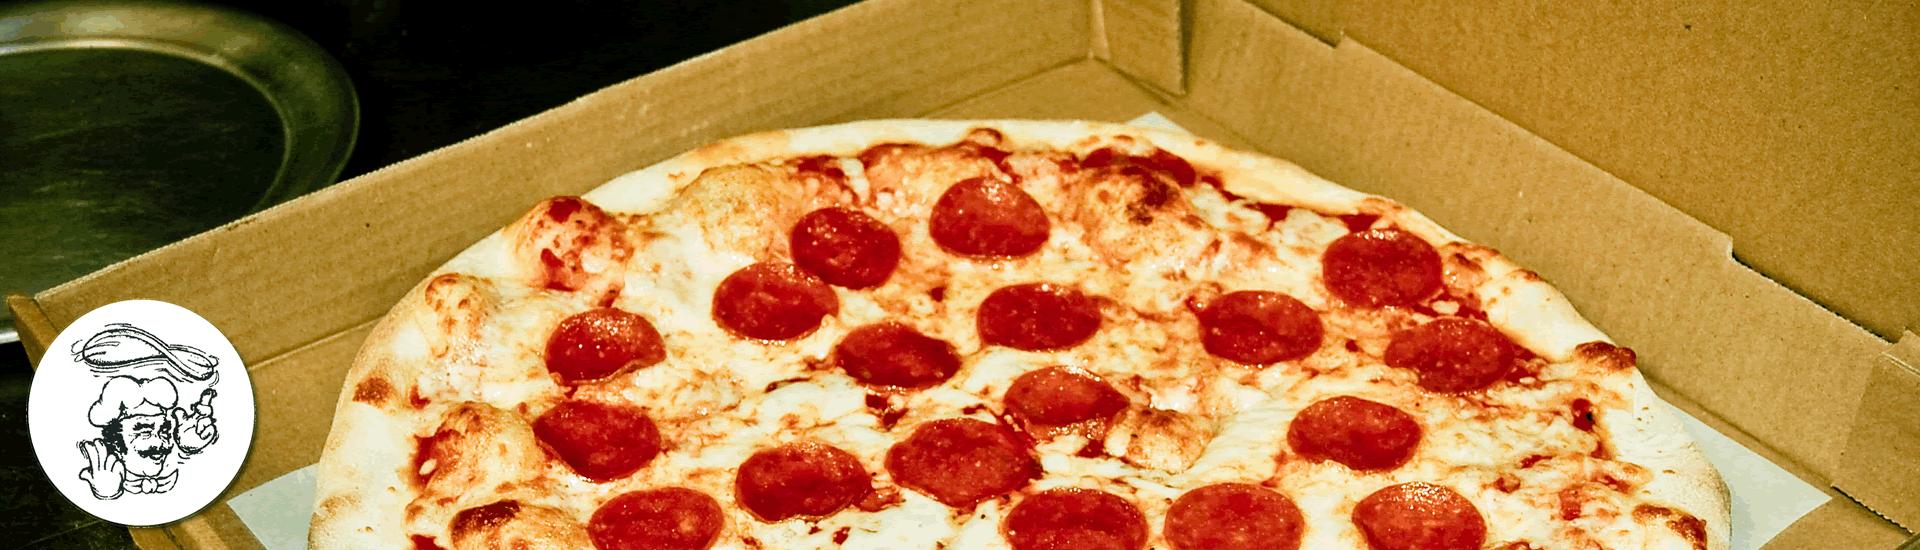 Bella Pizza Clifton Forge VA - Eat Hot Pizza